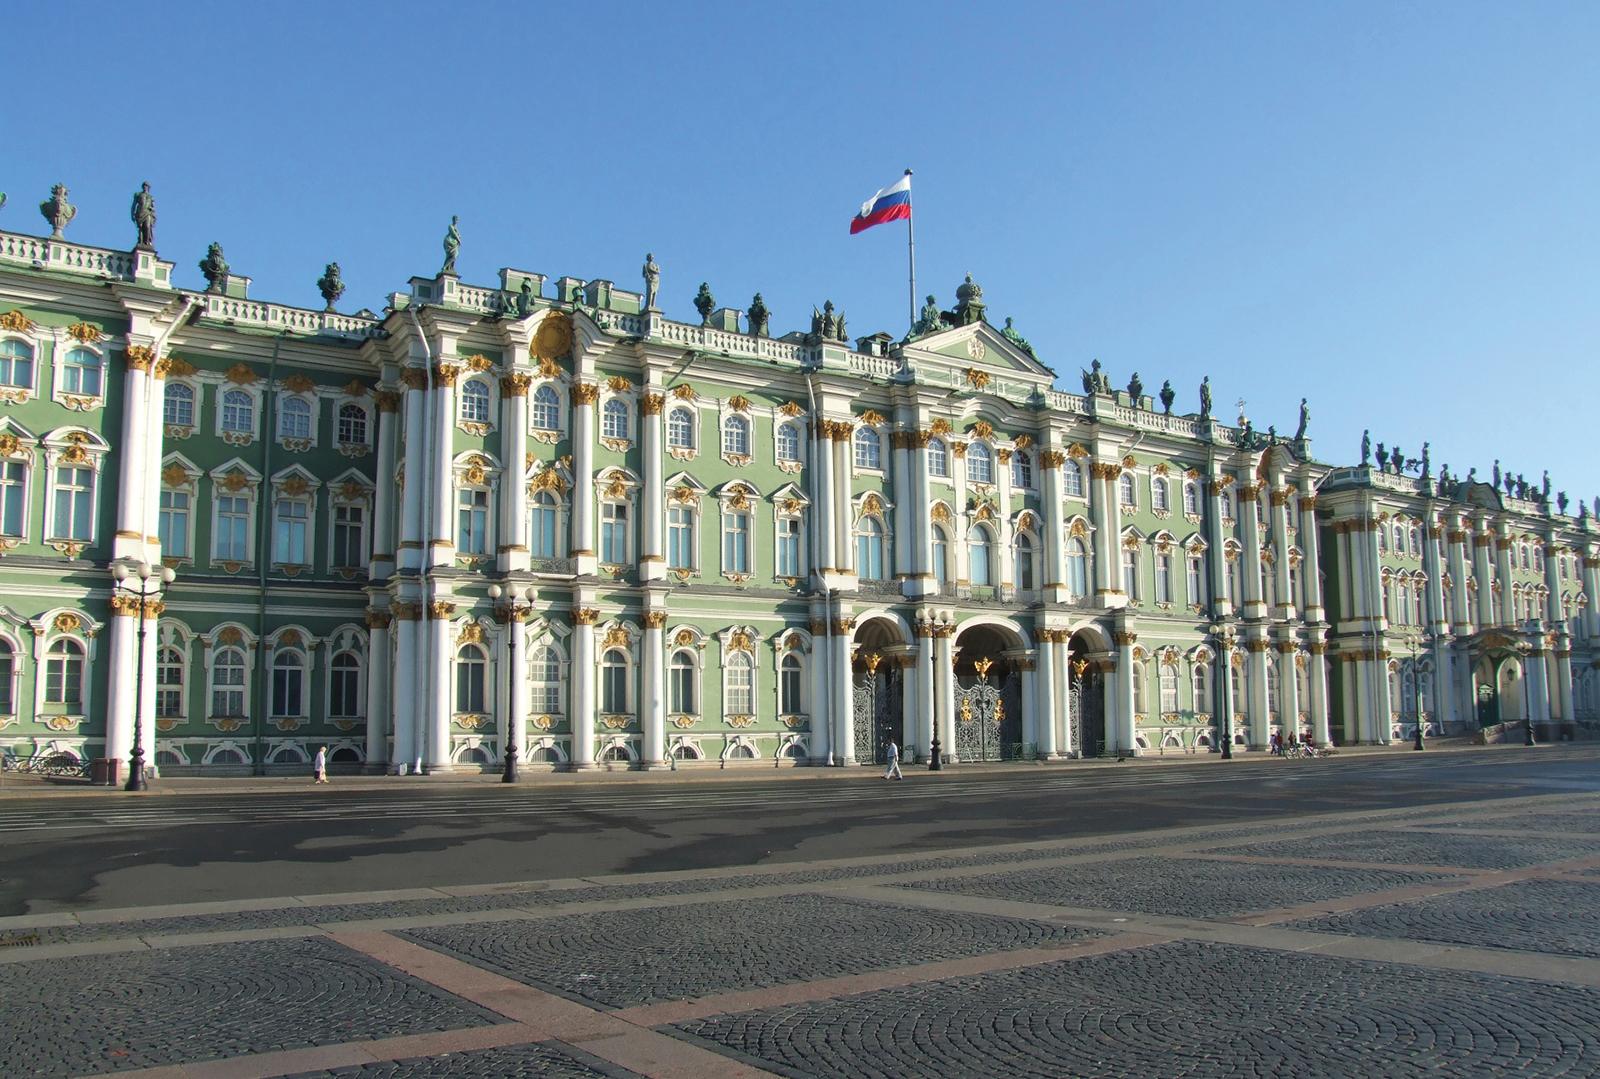 Musée d'État de l'Ermitage, Saint-Pétersbourg